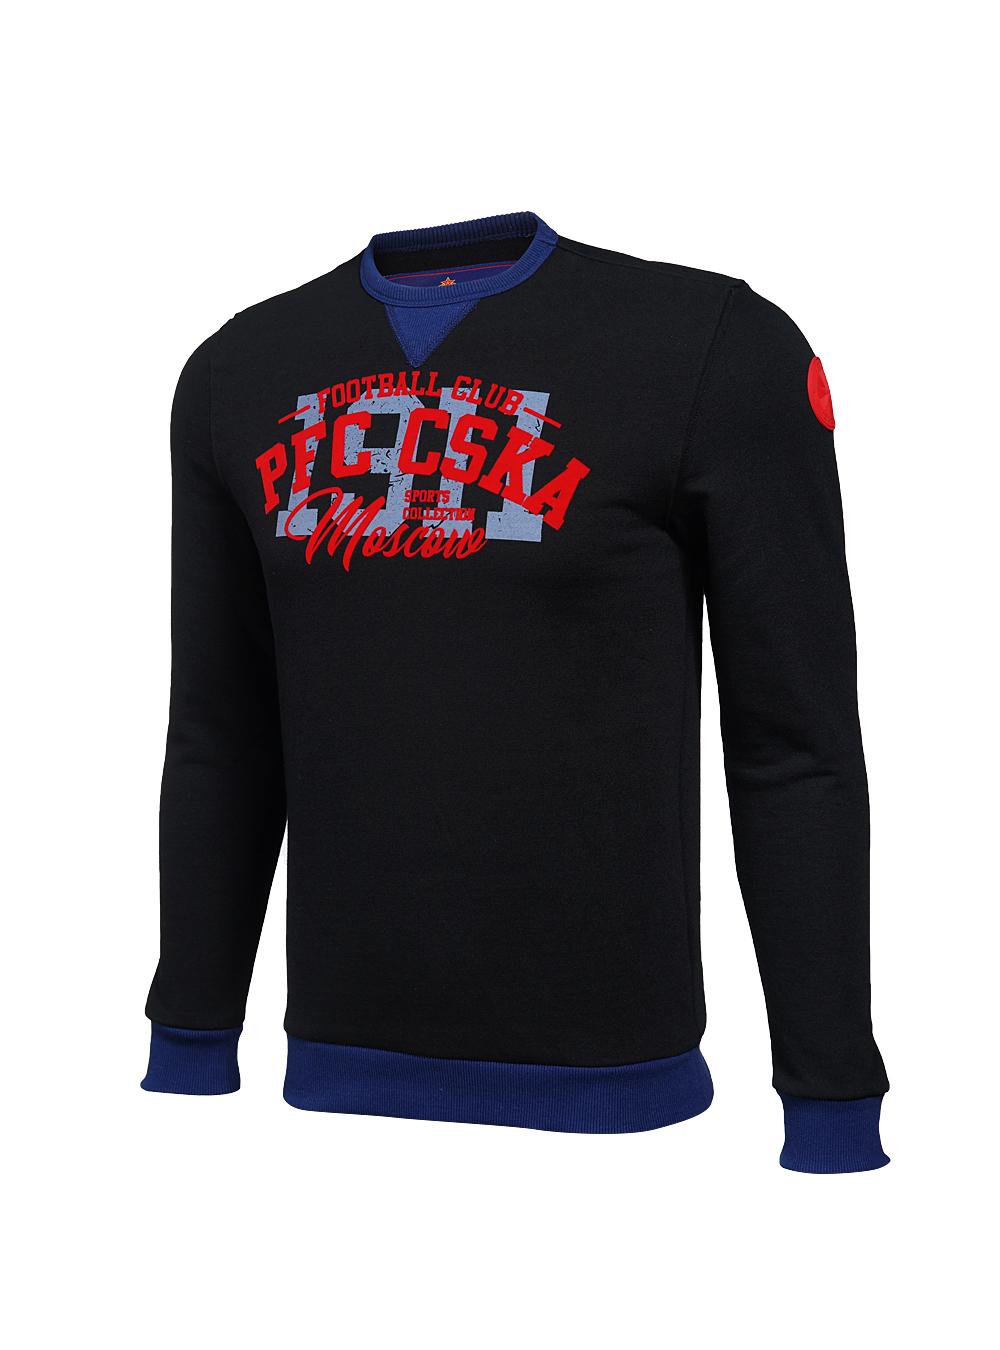 Купить Свитшот мужской PFC CSKA, цвет чёрный (XL) по Нижнему Новгороду